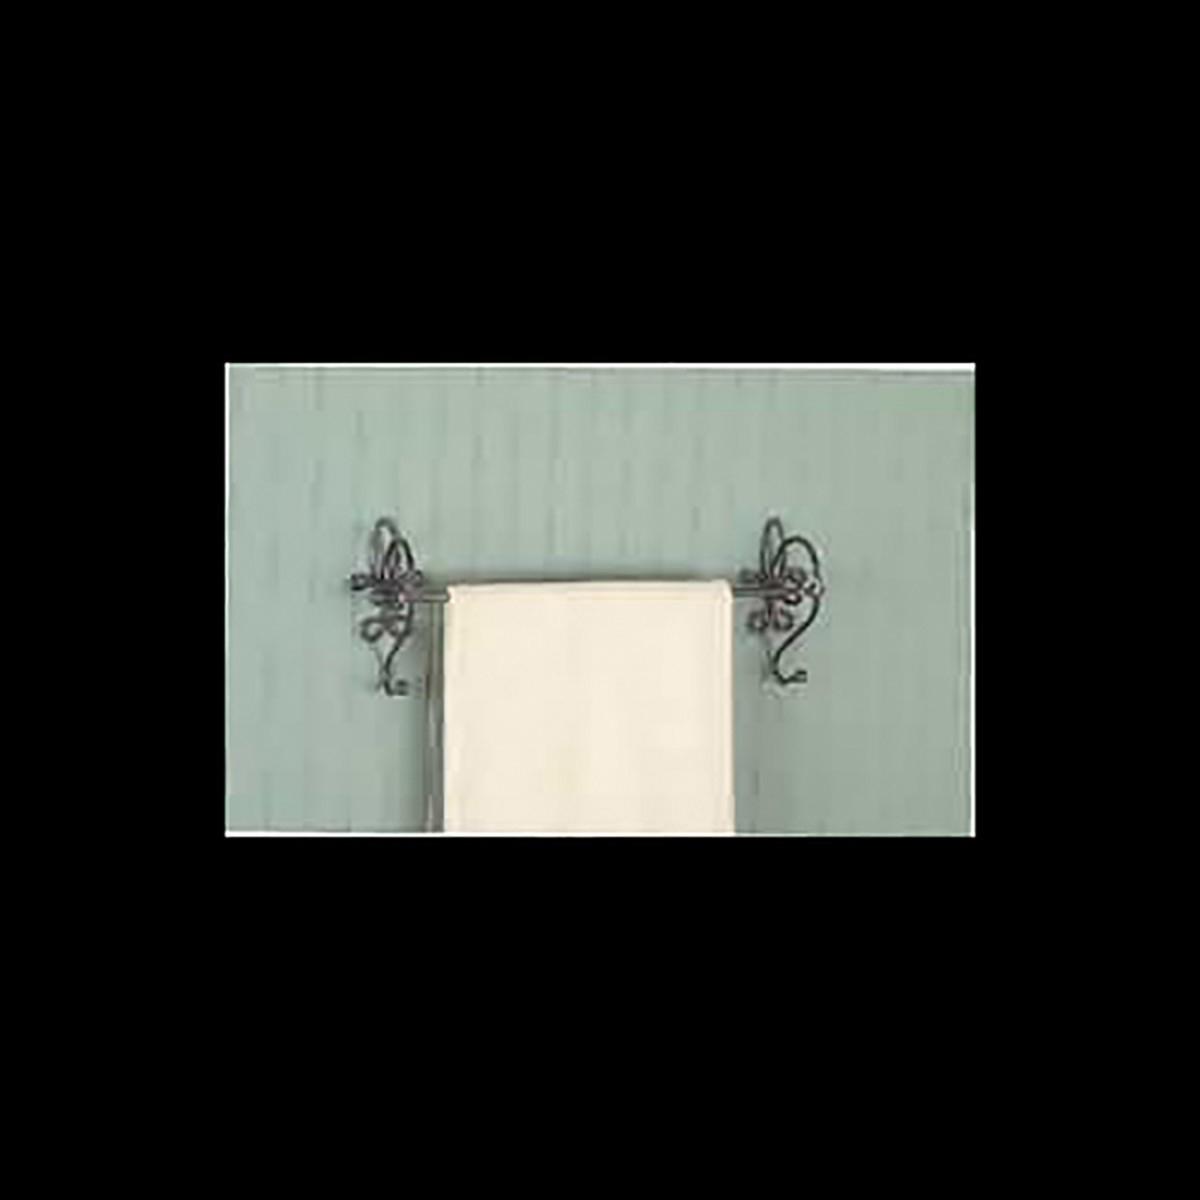 Towel Bar Nickel 18 Bar Bathroom Towel Bar Towel Bars Towel Holder